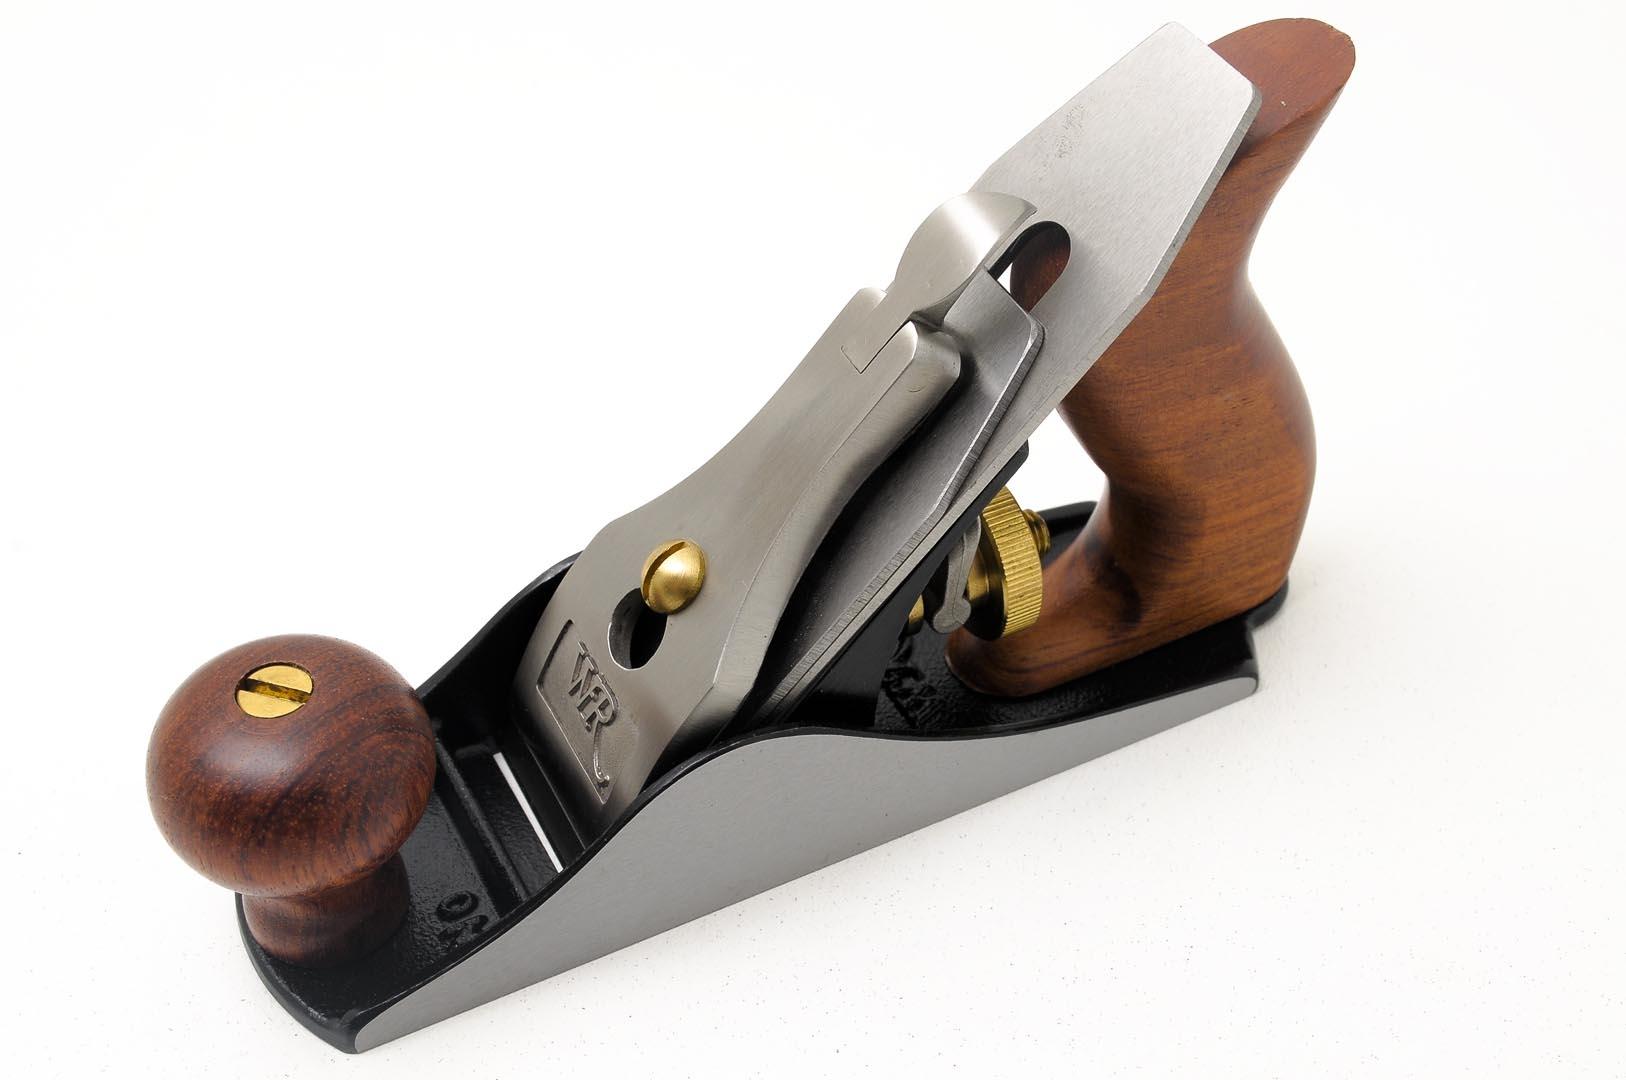 159005-Cepillo 1 bailey mini manual WoodRiver 159005-max-1.